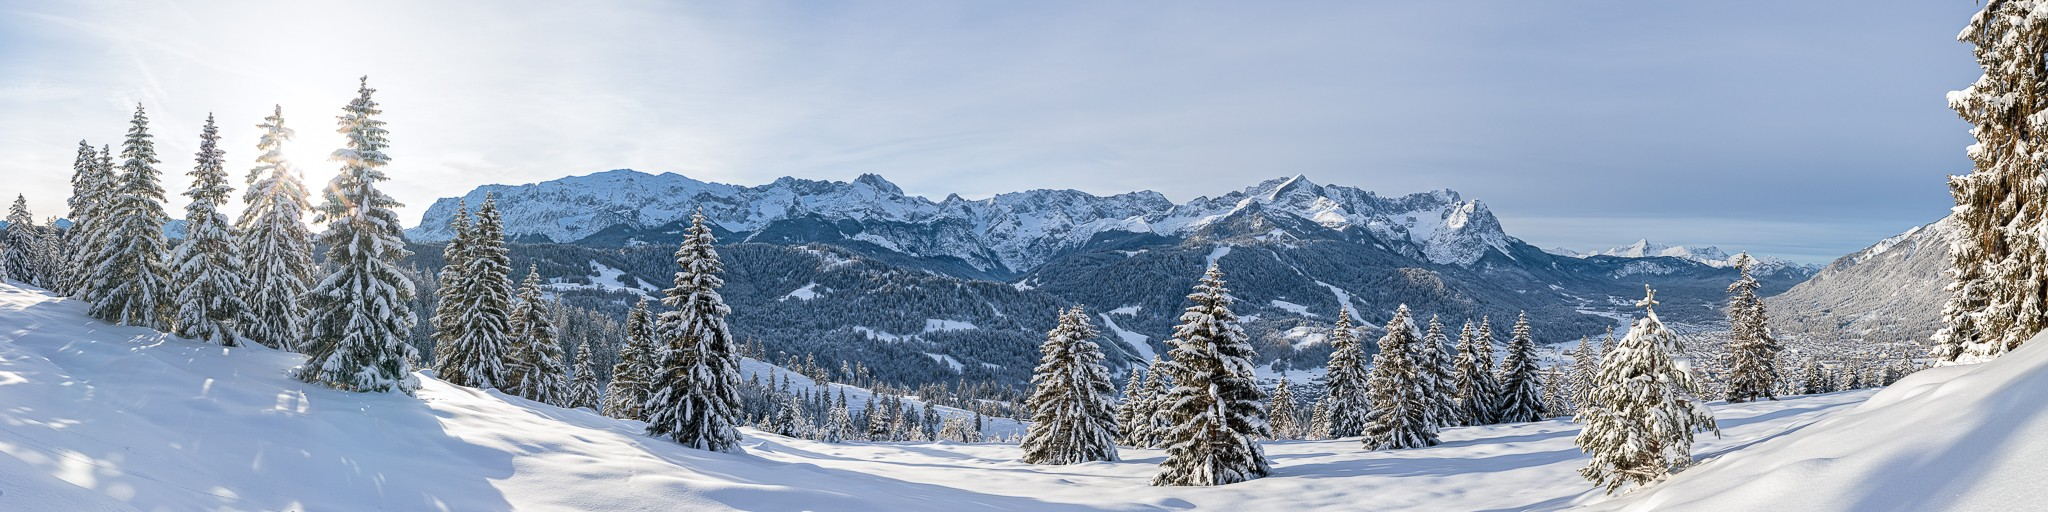 Winterwald oberhalb von Garmisch-Partenkirchen mit einem wunderbaren Panoramablick auf das Wettersteingebirge mit Zugspitze und Alpspitze.